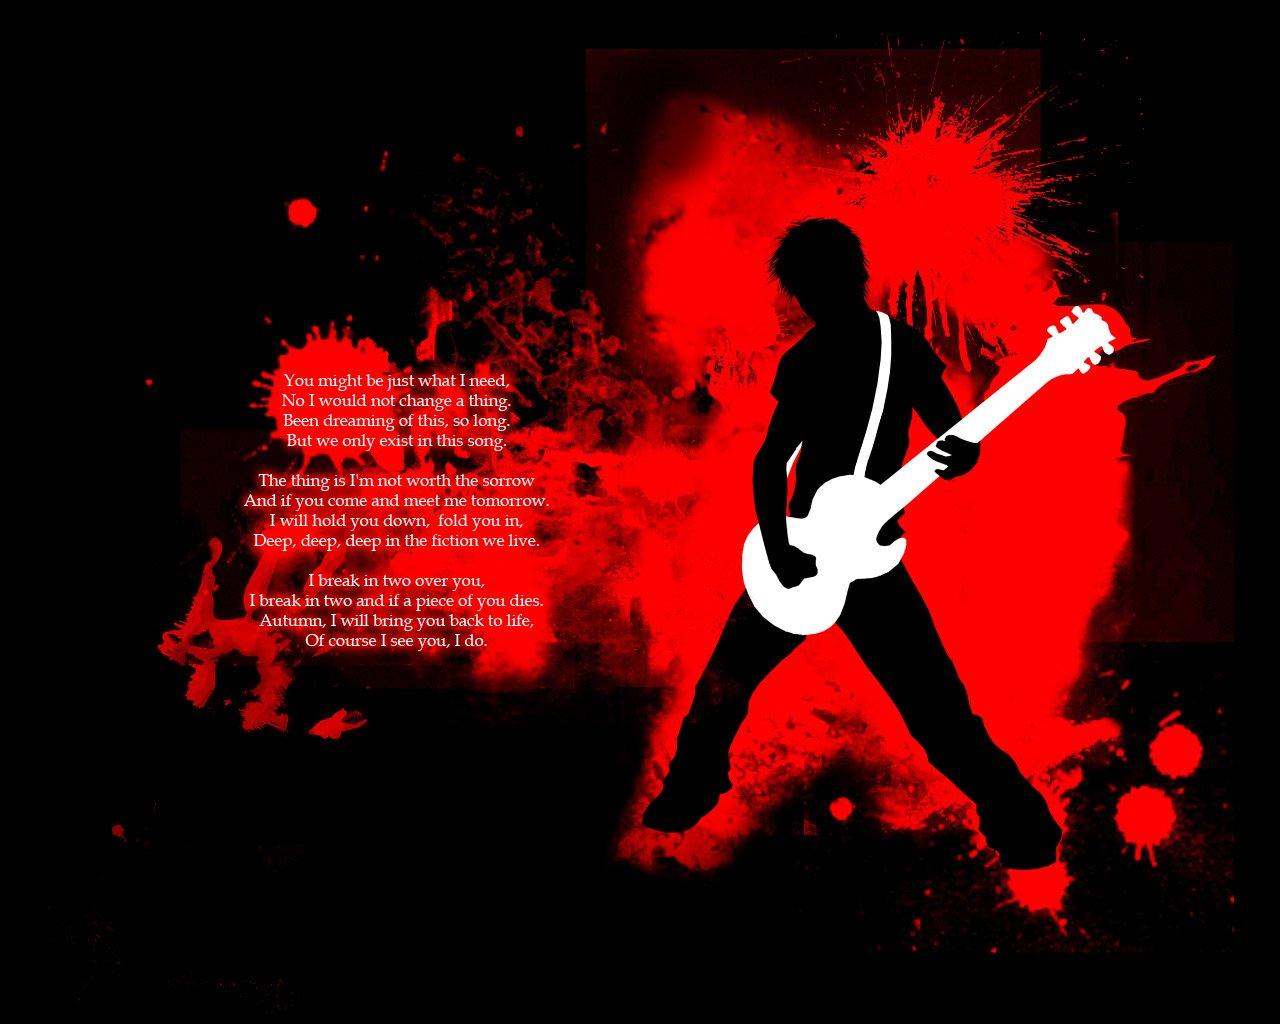 http://2.bp.blogspot.com/_CR2hyE-qufk/TJlx8OaAauI/AAAAAAAAACk/5BSPtWsDtT0/s1600/rock-kid.jpg